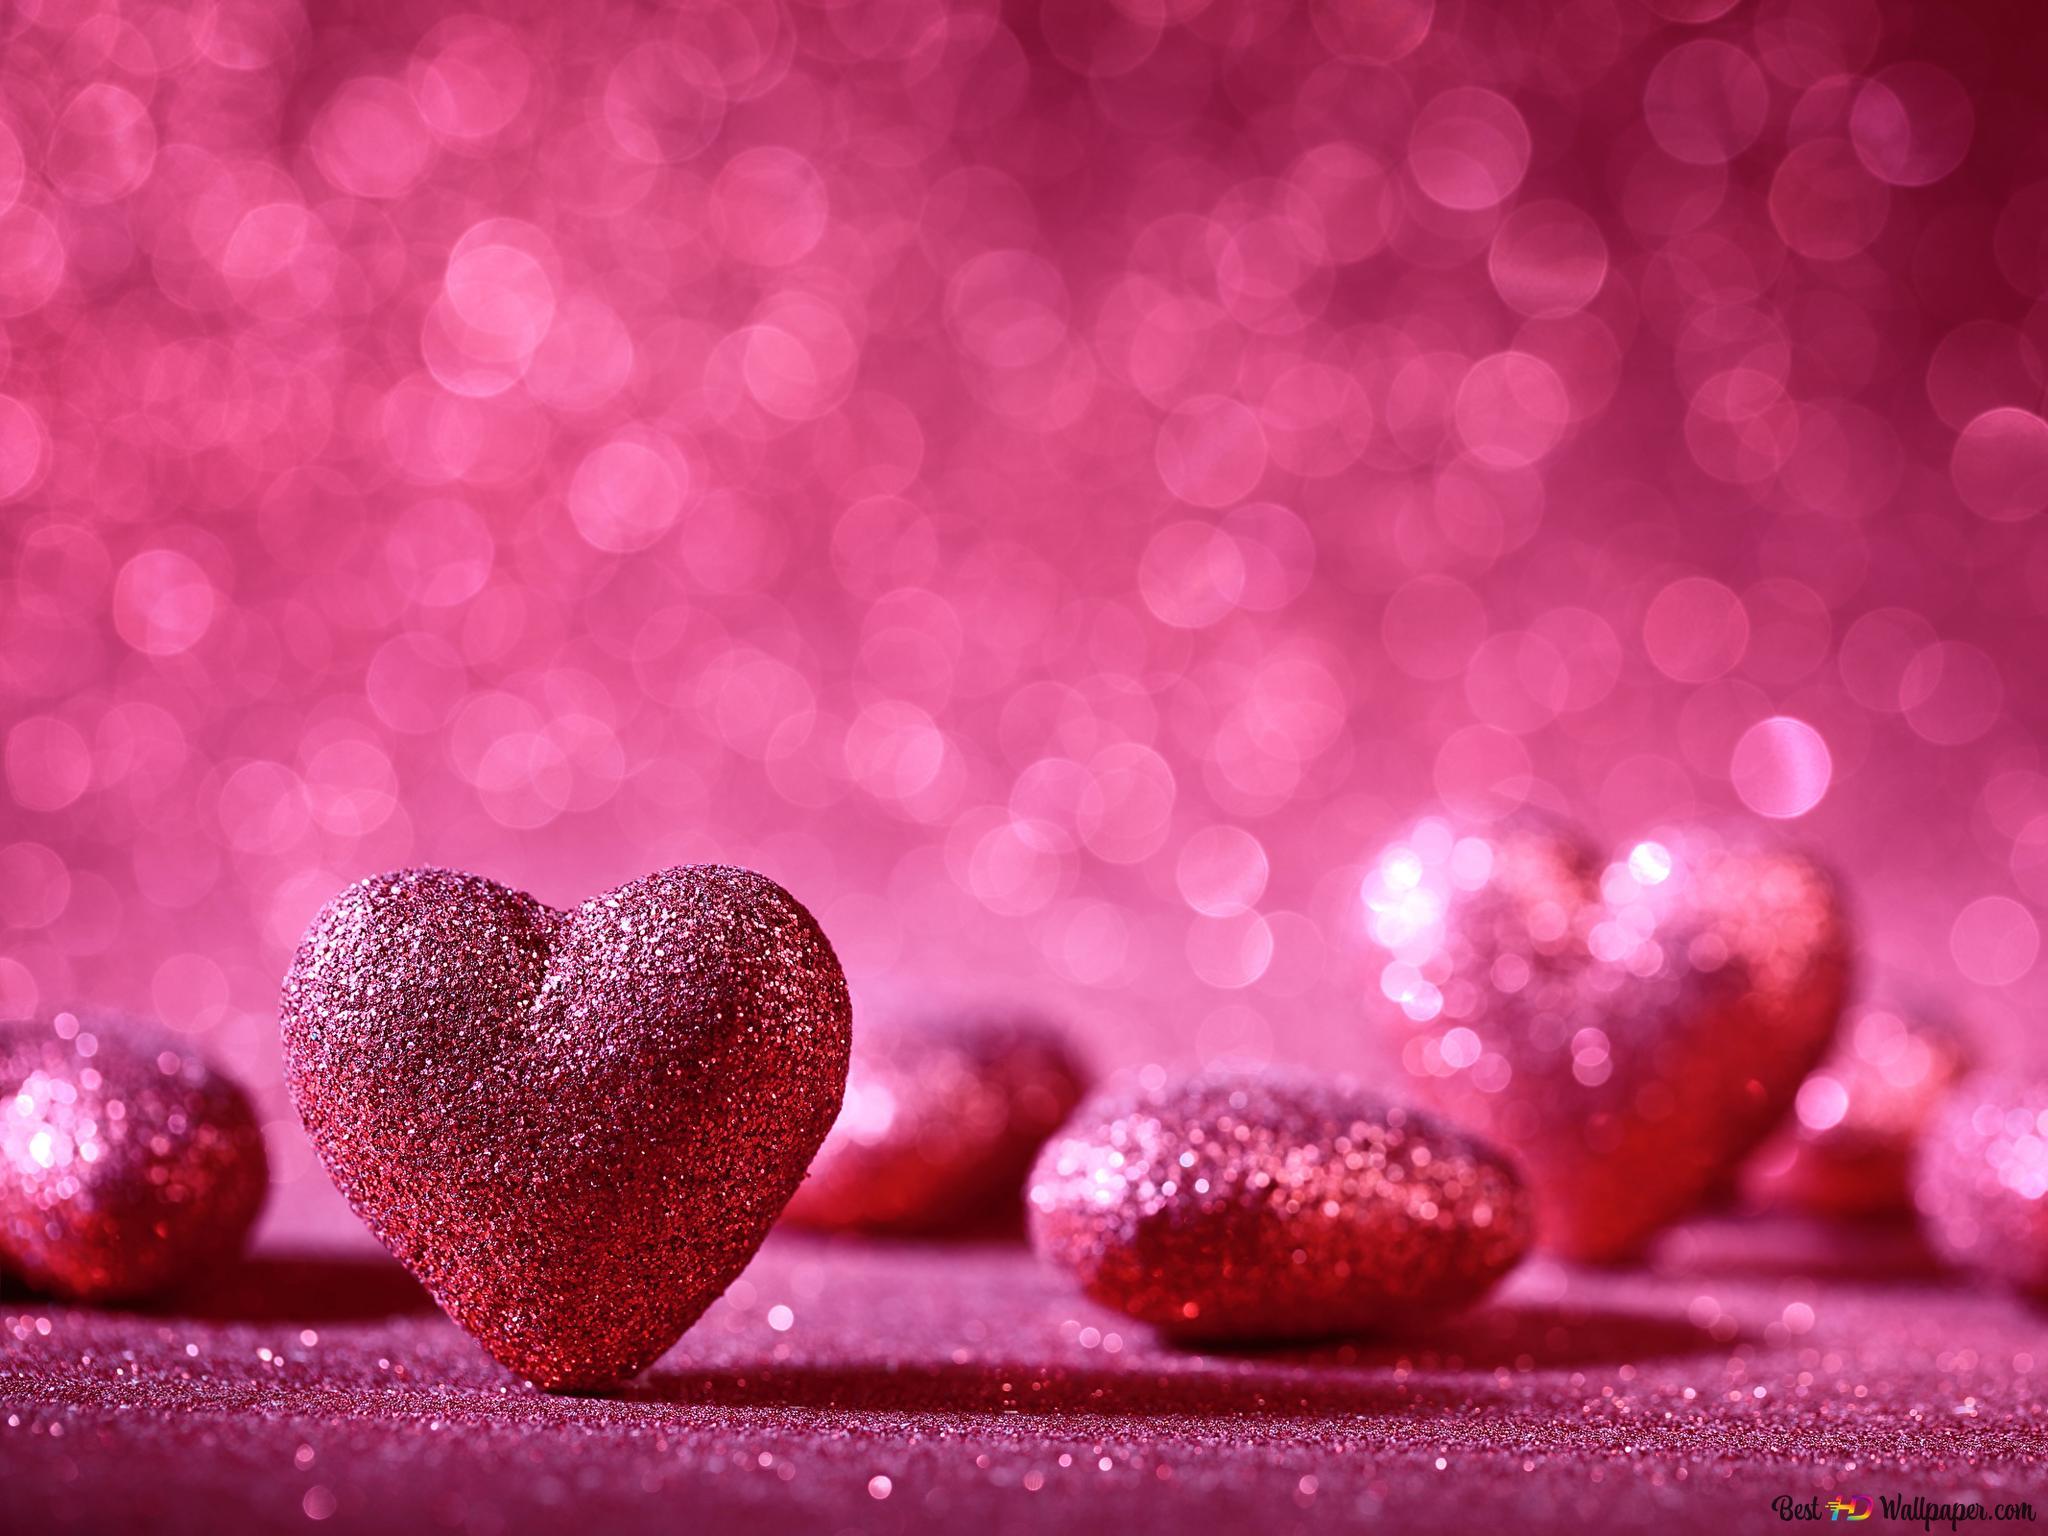 バレンタインデー ピンク輝くハート Hd壁紙のダウンロード